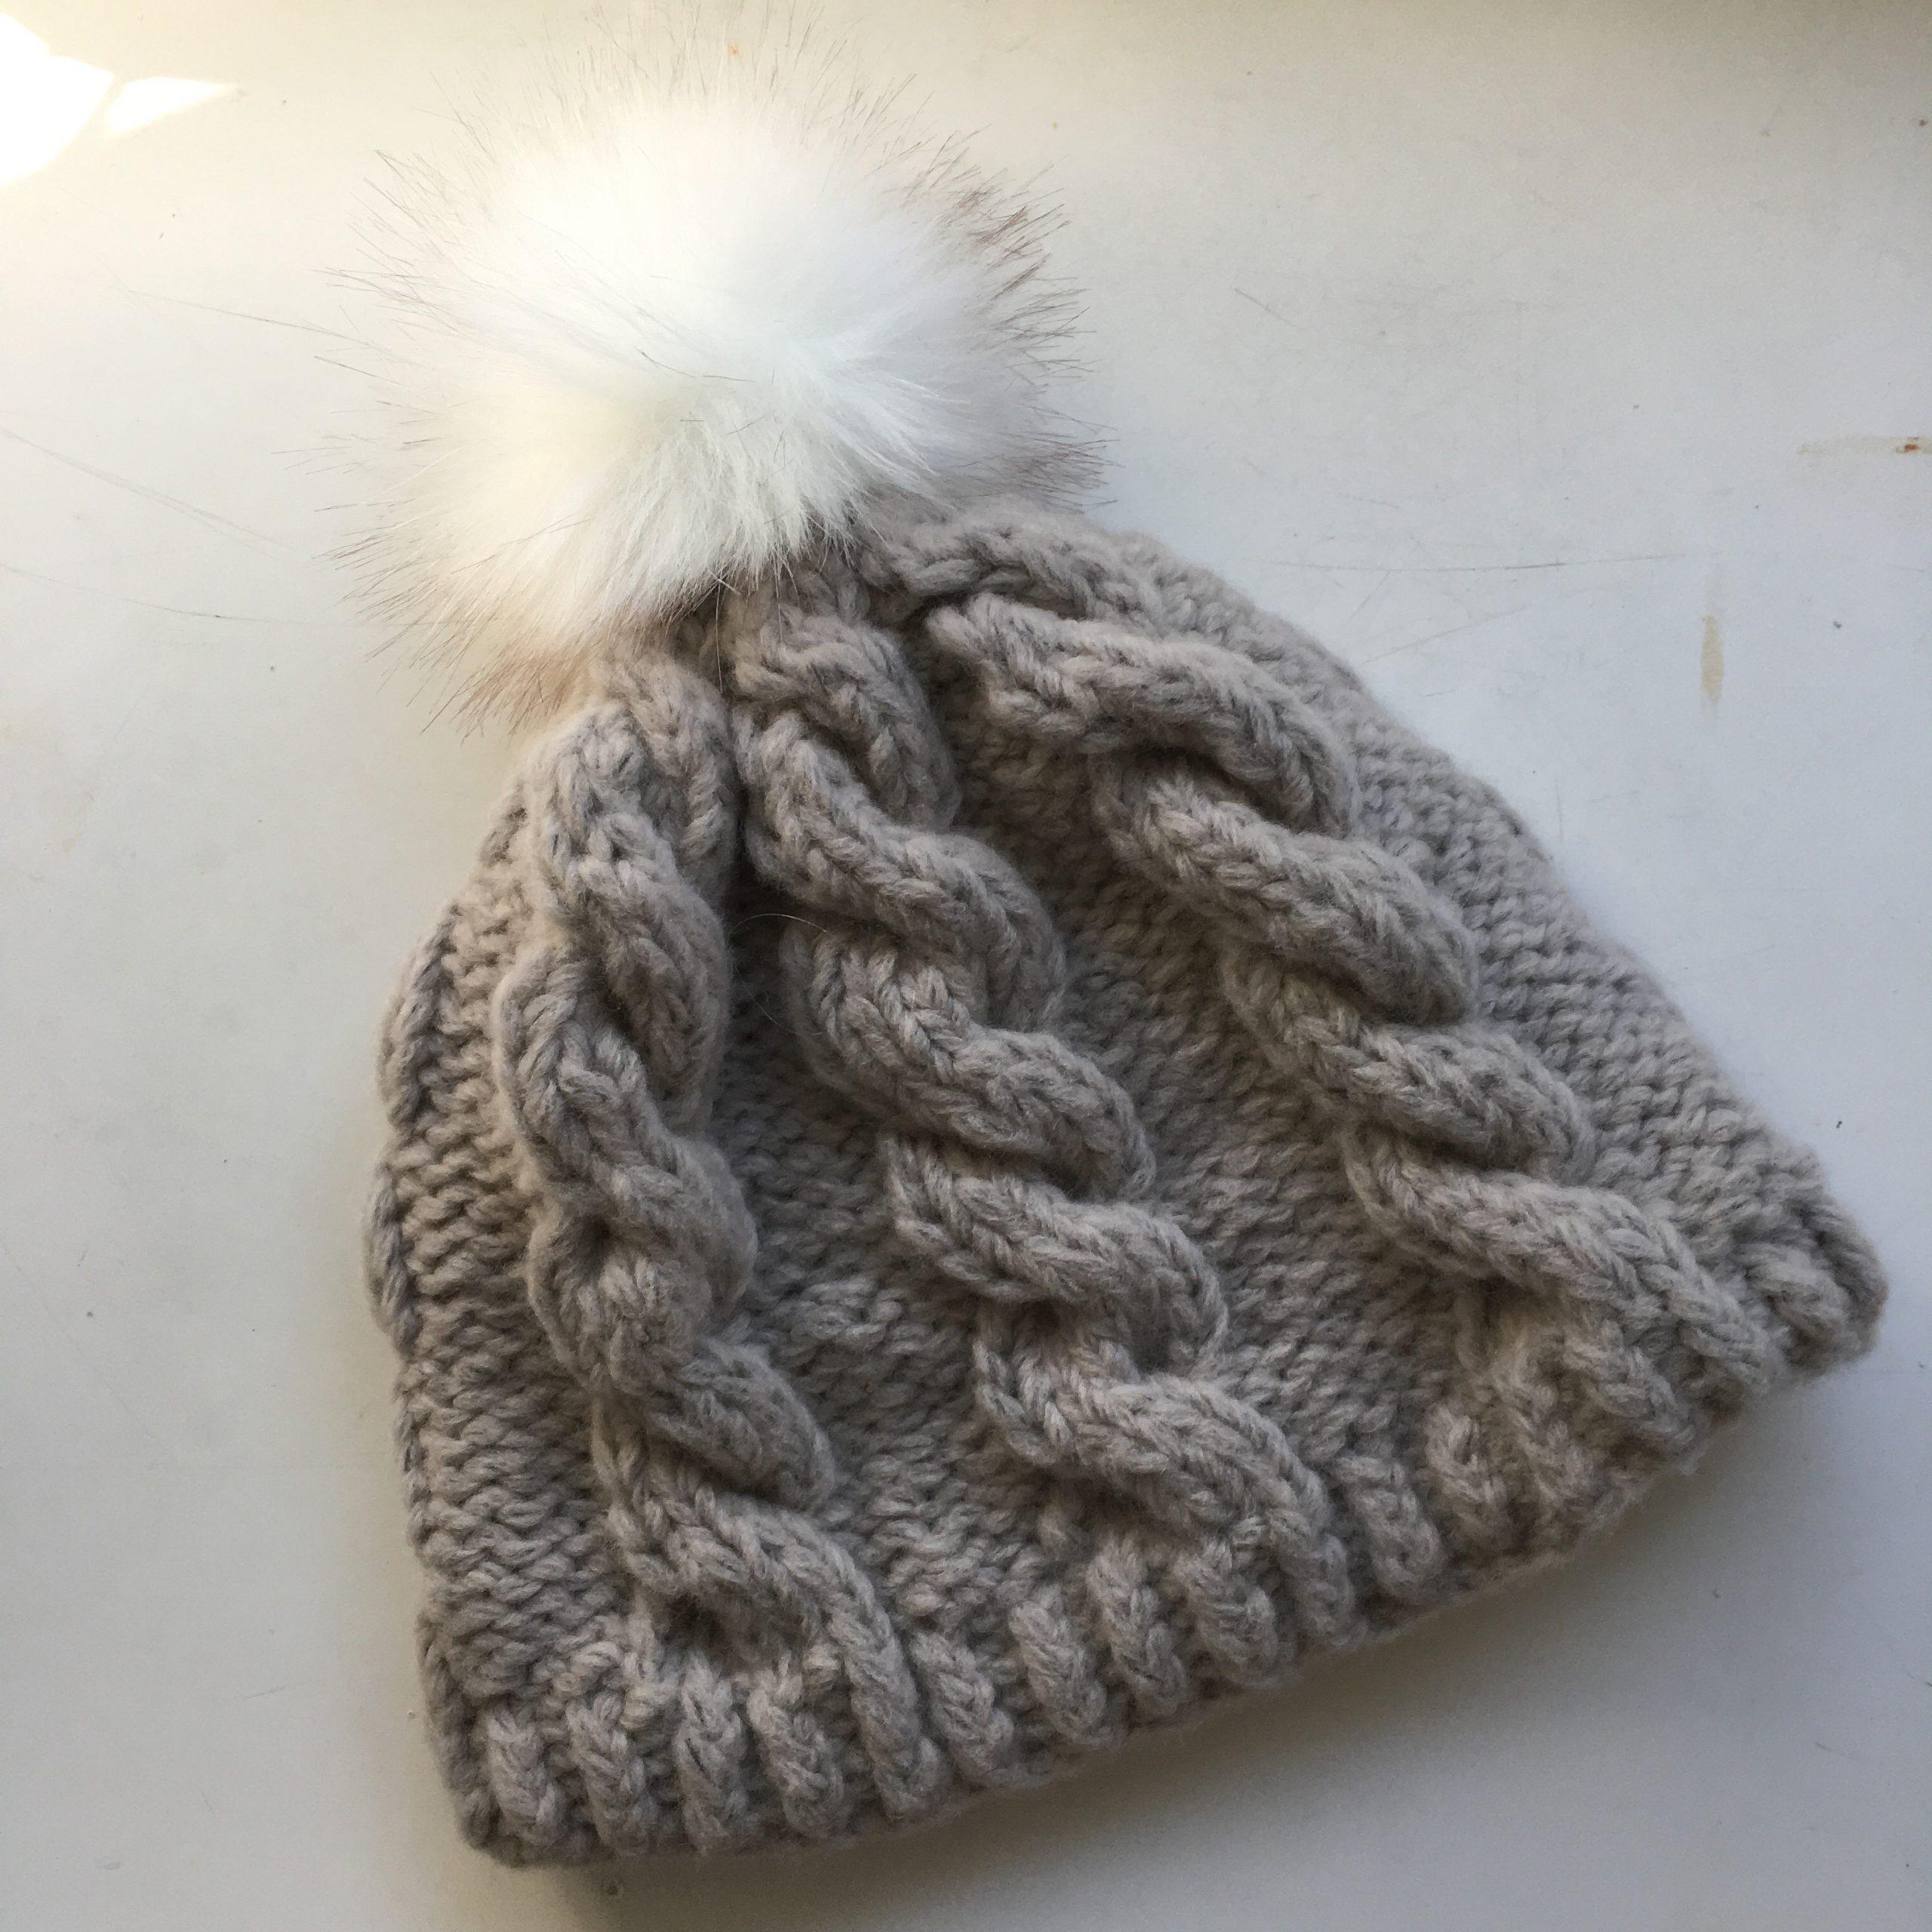 Kit Hat with pom pom - TinCanKnits Northward pattern